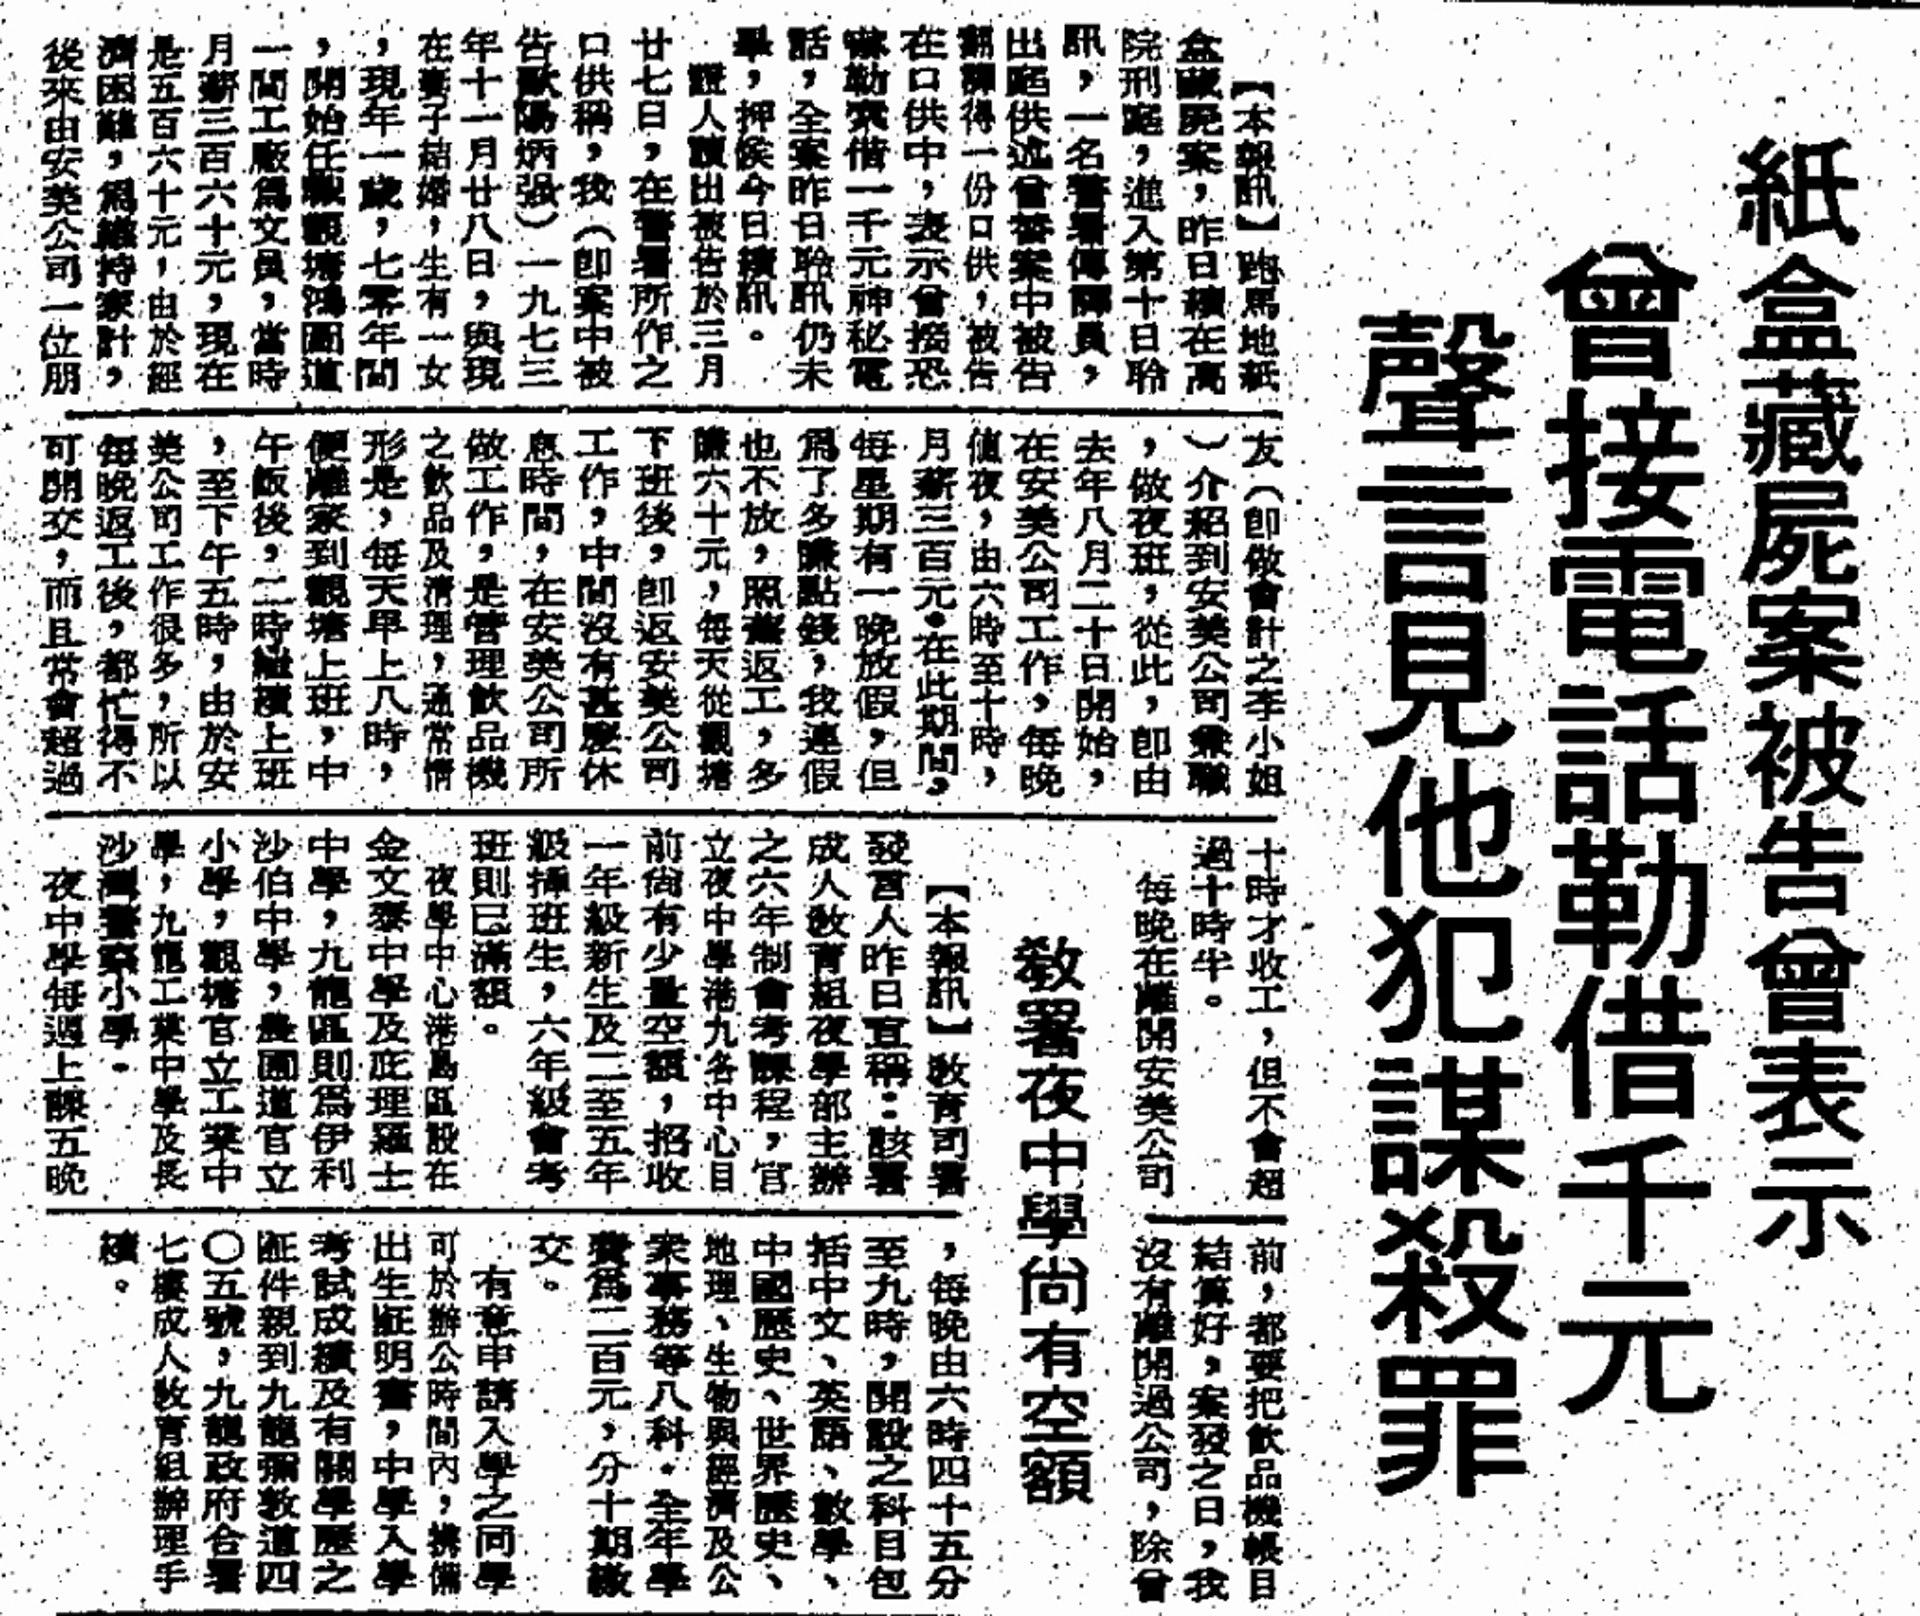 https://cdn.hk01.com/di/media/images/2232900/org/92fa9f8f4ec24d05800879800ee2c2e0.jpg/endDMmjqUKIL3b2goXhATPQwC577jG79hJRVi4SUVYs?v=w1920